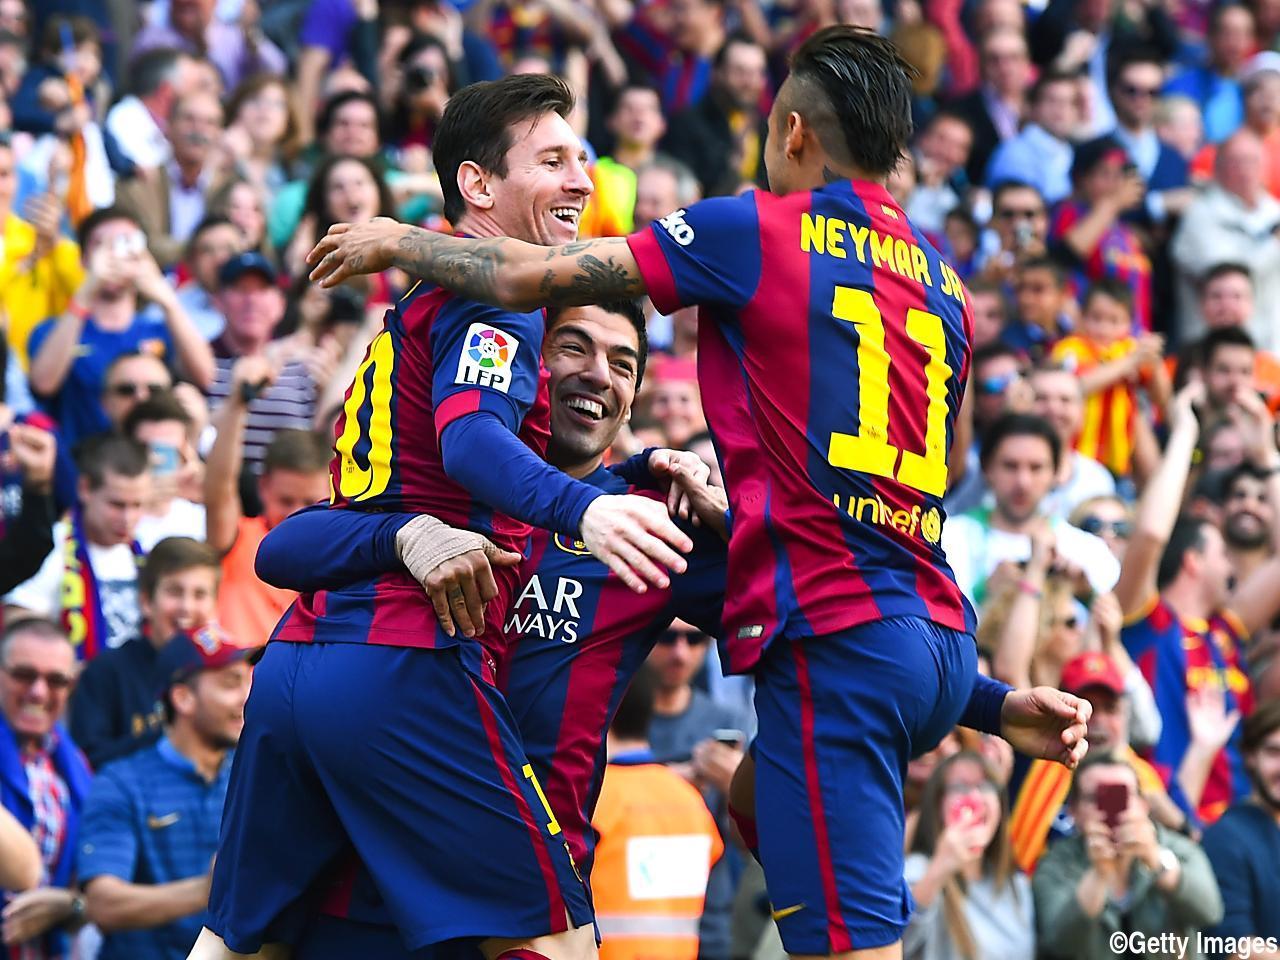 スアレスの1分弾にメッシの通算400ゴール…バレンシアに勝利のバルサは首位堅持